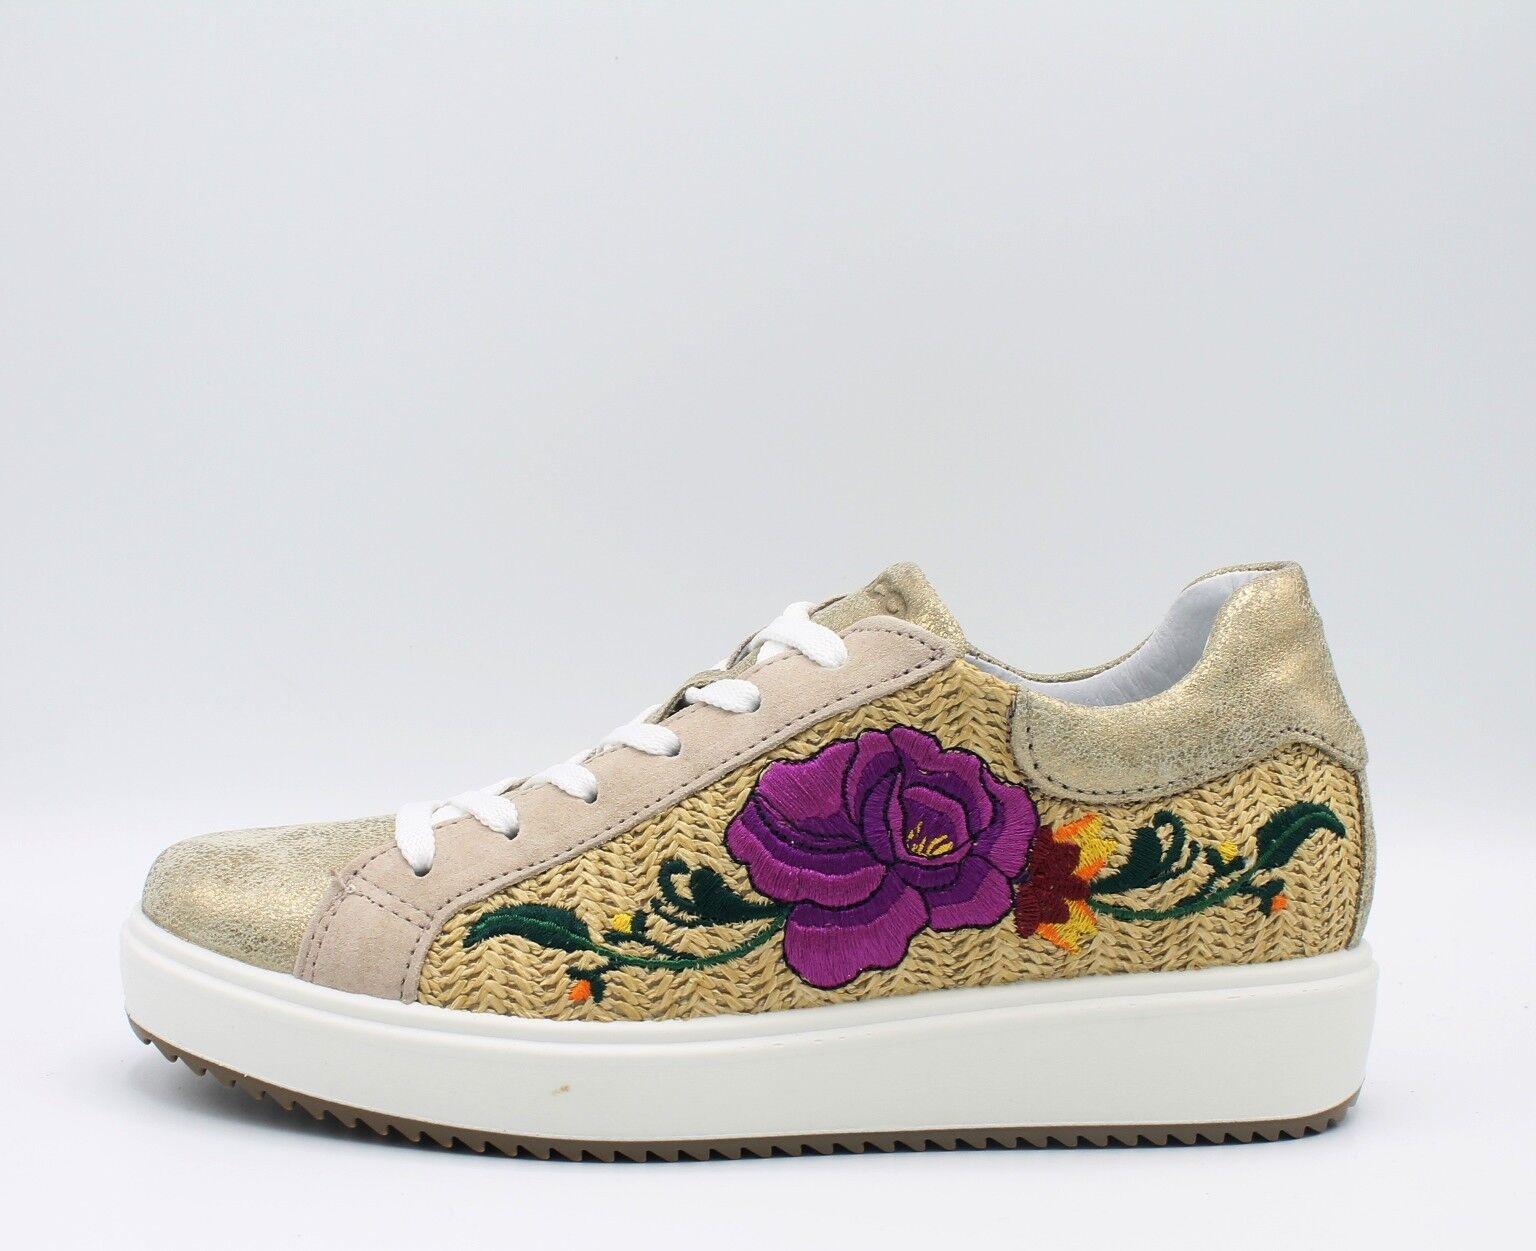 IGI & CO. DHN 1148400 scarpe donna scarpe da ginnastica in pelle platino con fiore ricamato